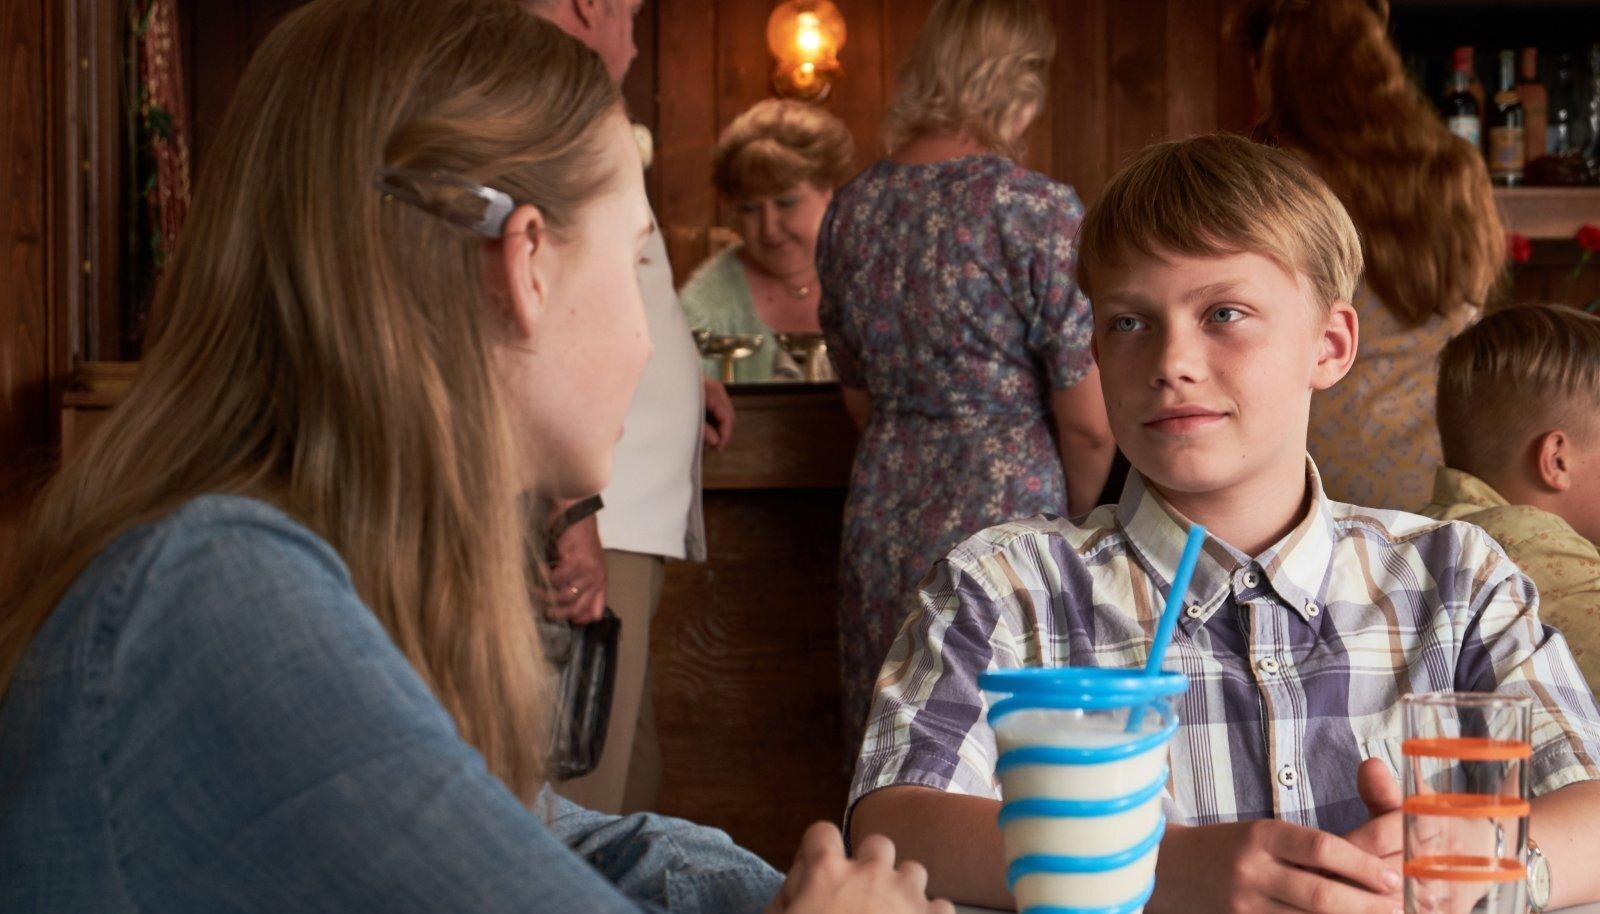 Andres (Rasmus Ermel) igatseb Rootsi ema juurde, kasvades Võrus vanavanemate karmi käe all. Õppeedukus on halb. Klassikaaslased kiusavad. Esimene armastus (Aurora Aleksandra Künnapas) toob kaasa omad piinlikud juhtumised.